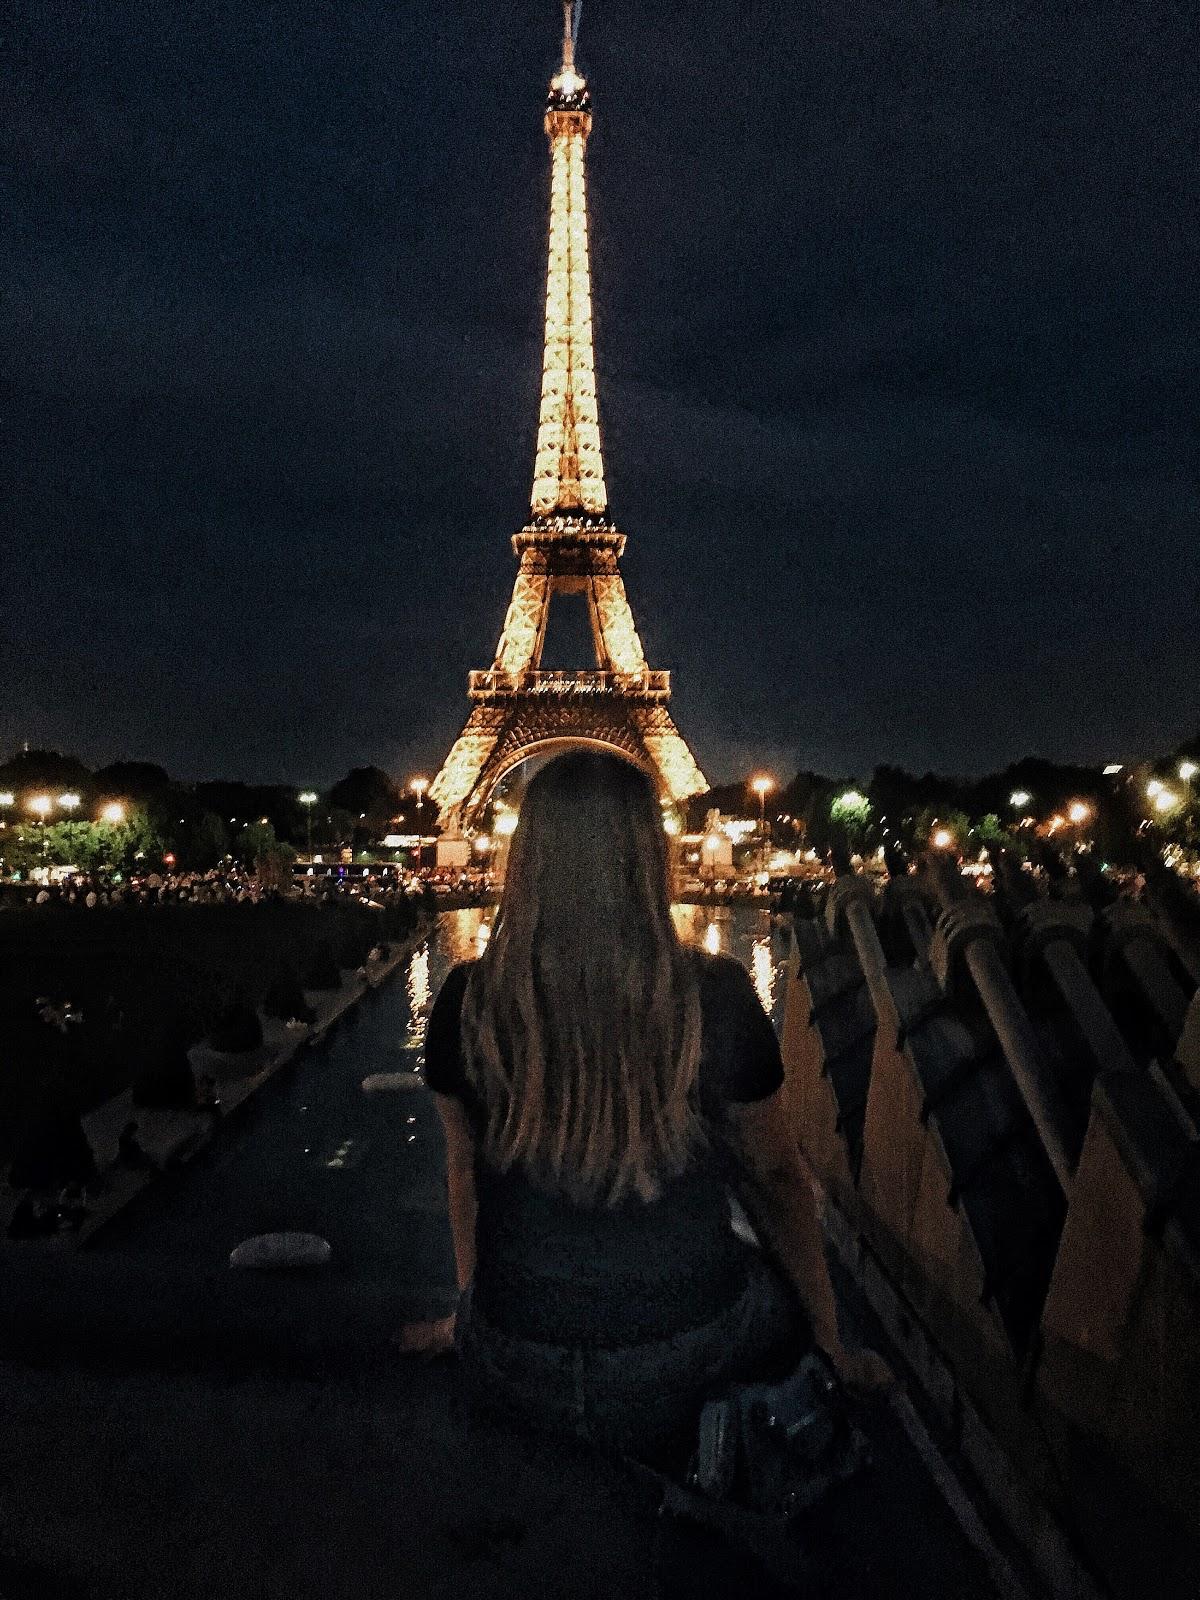 paris eiffel tower tour de eiffel guide parisian deau blogger blog candido dominique